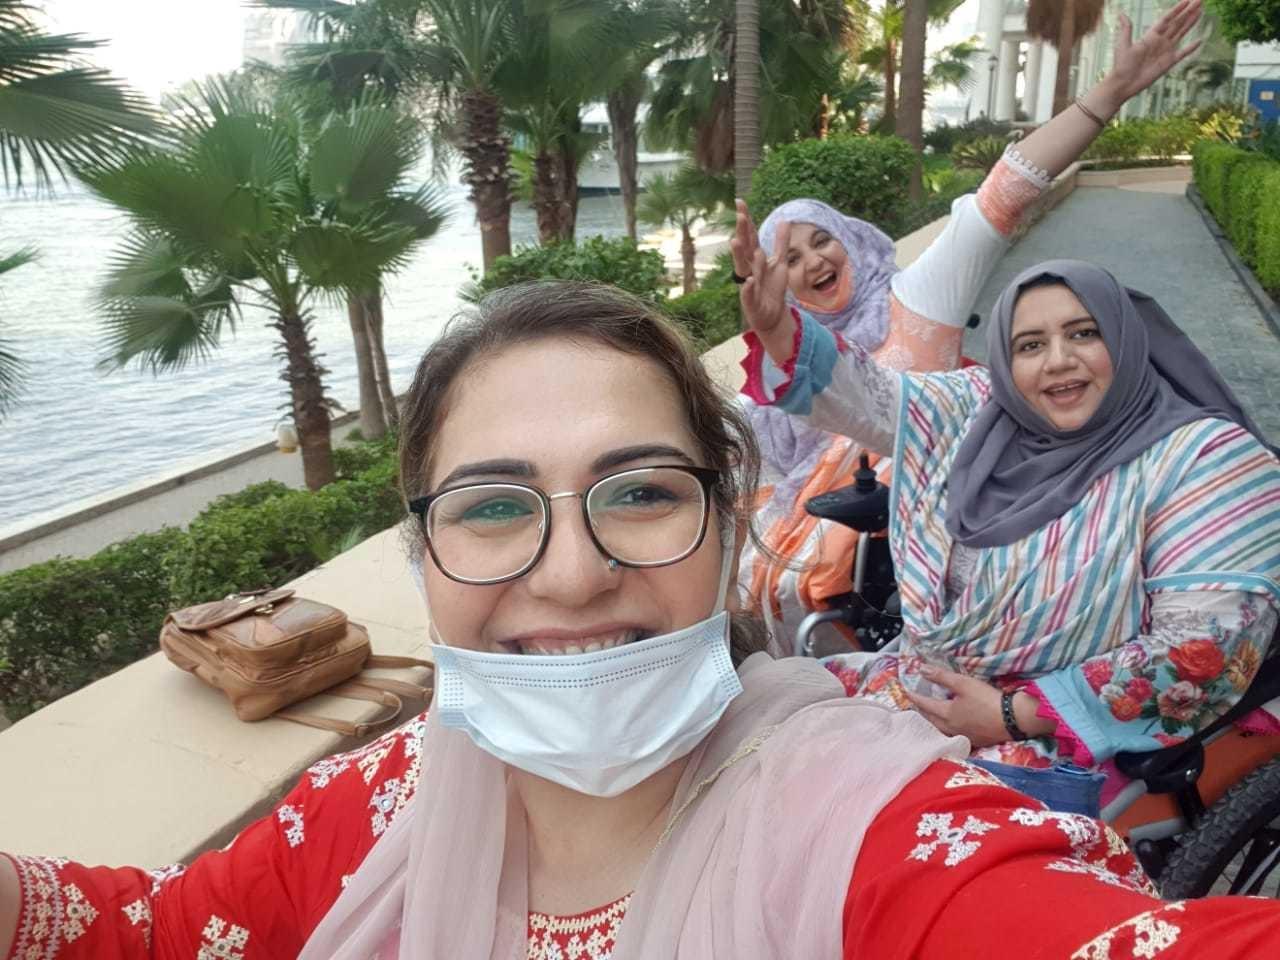 تینوں خواتین کسی دوسرے کی مدد کے بغیر مصر پہنچیں—فوٹو: تنزیلہ خان انسٹاگرام